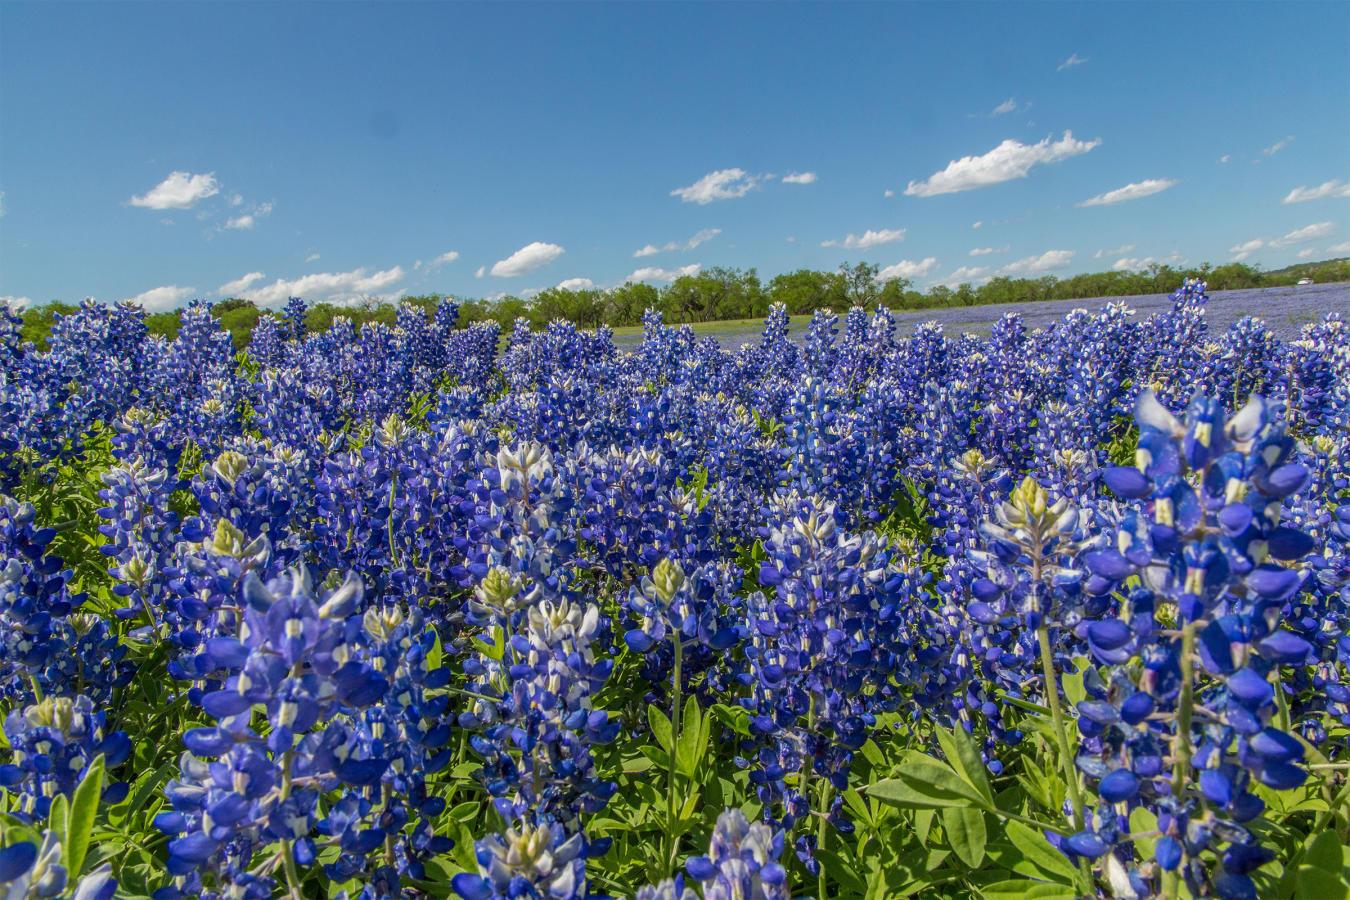 Field of Bluebonnets in Texas